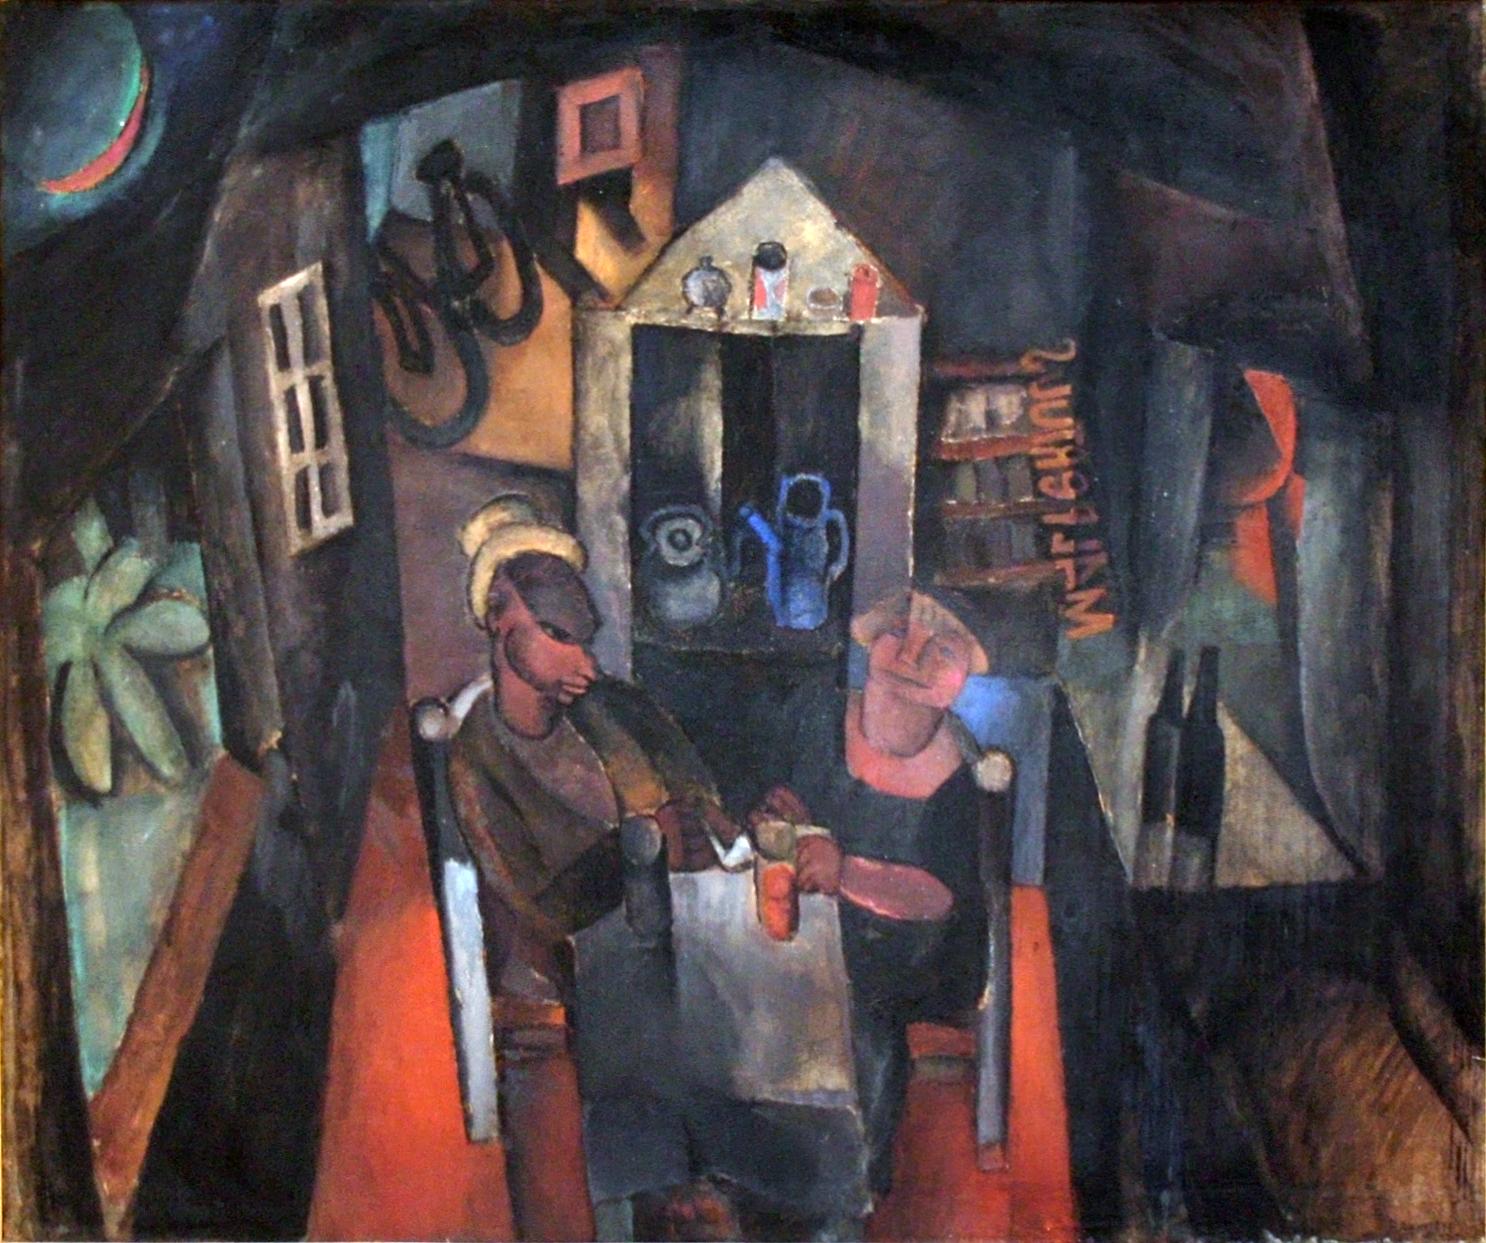 MSKG - Malpertuus - Frits Van den Berghe (1920)